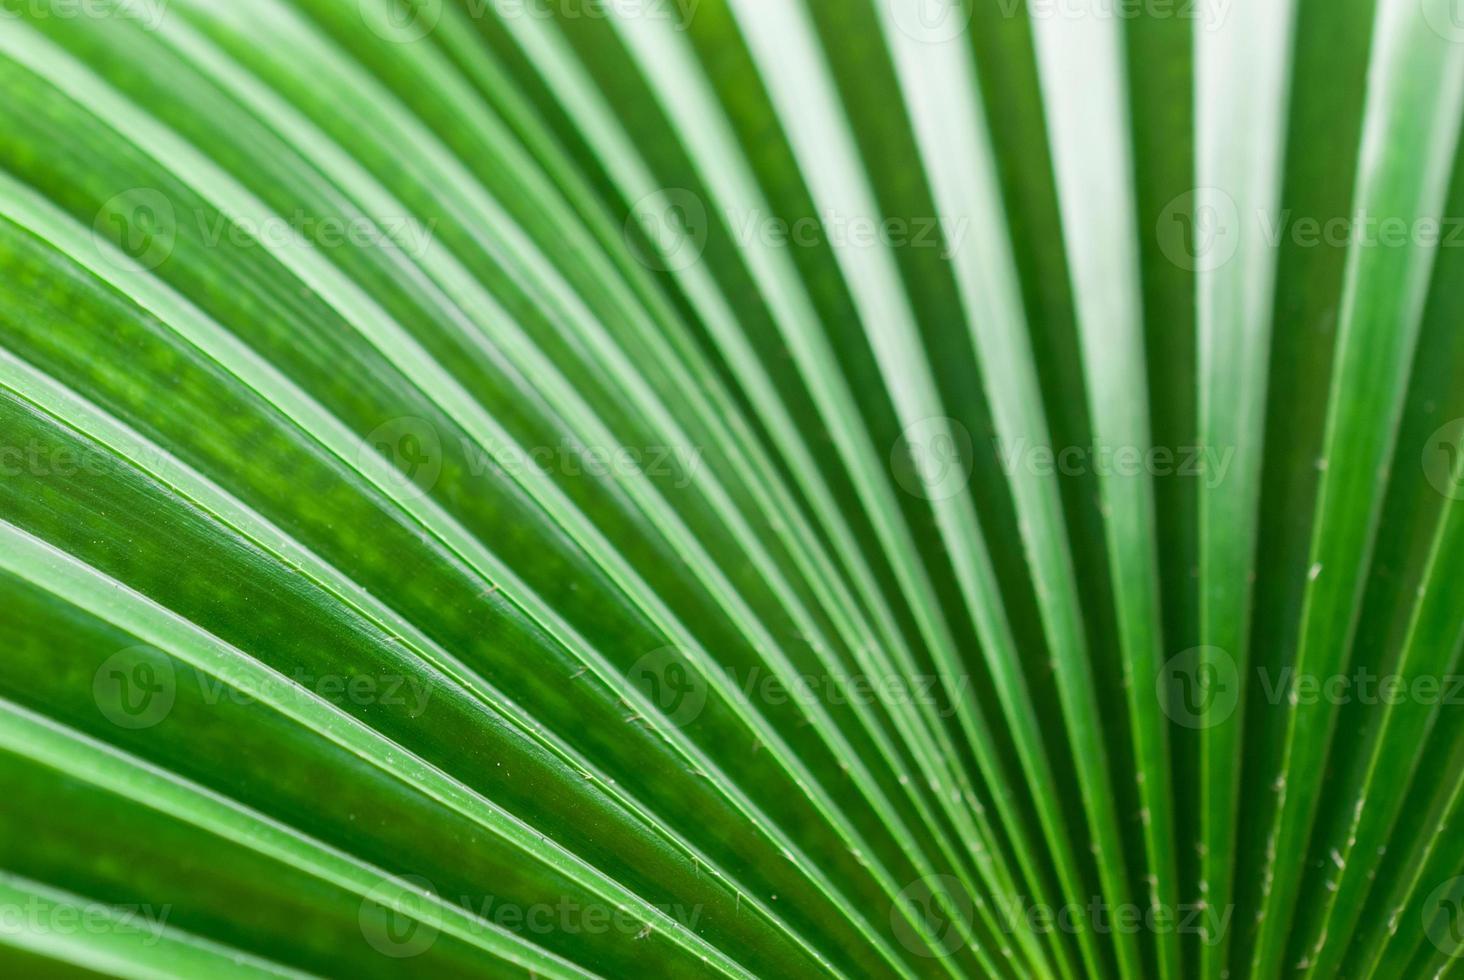 abstraktes Bild des grünen Palmblattes für Hintergrund. foto